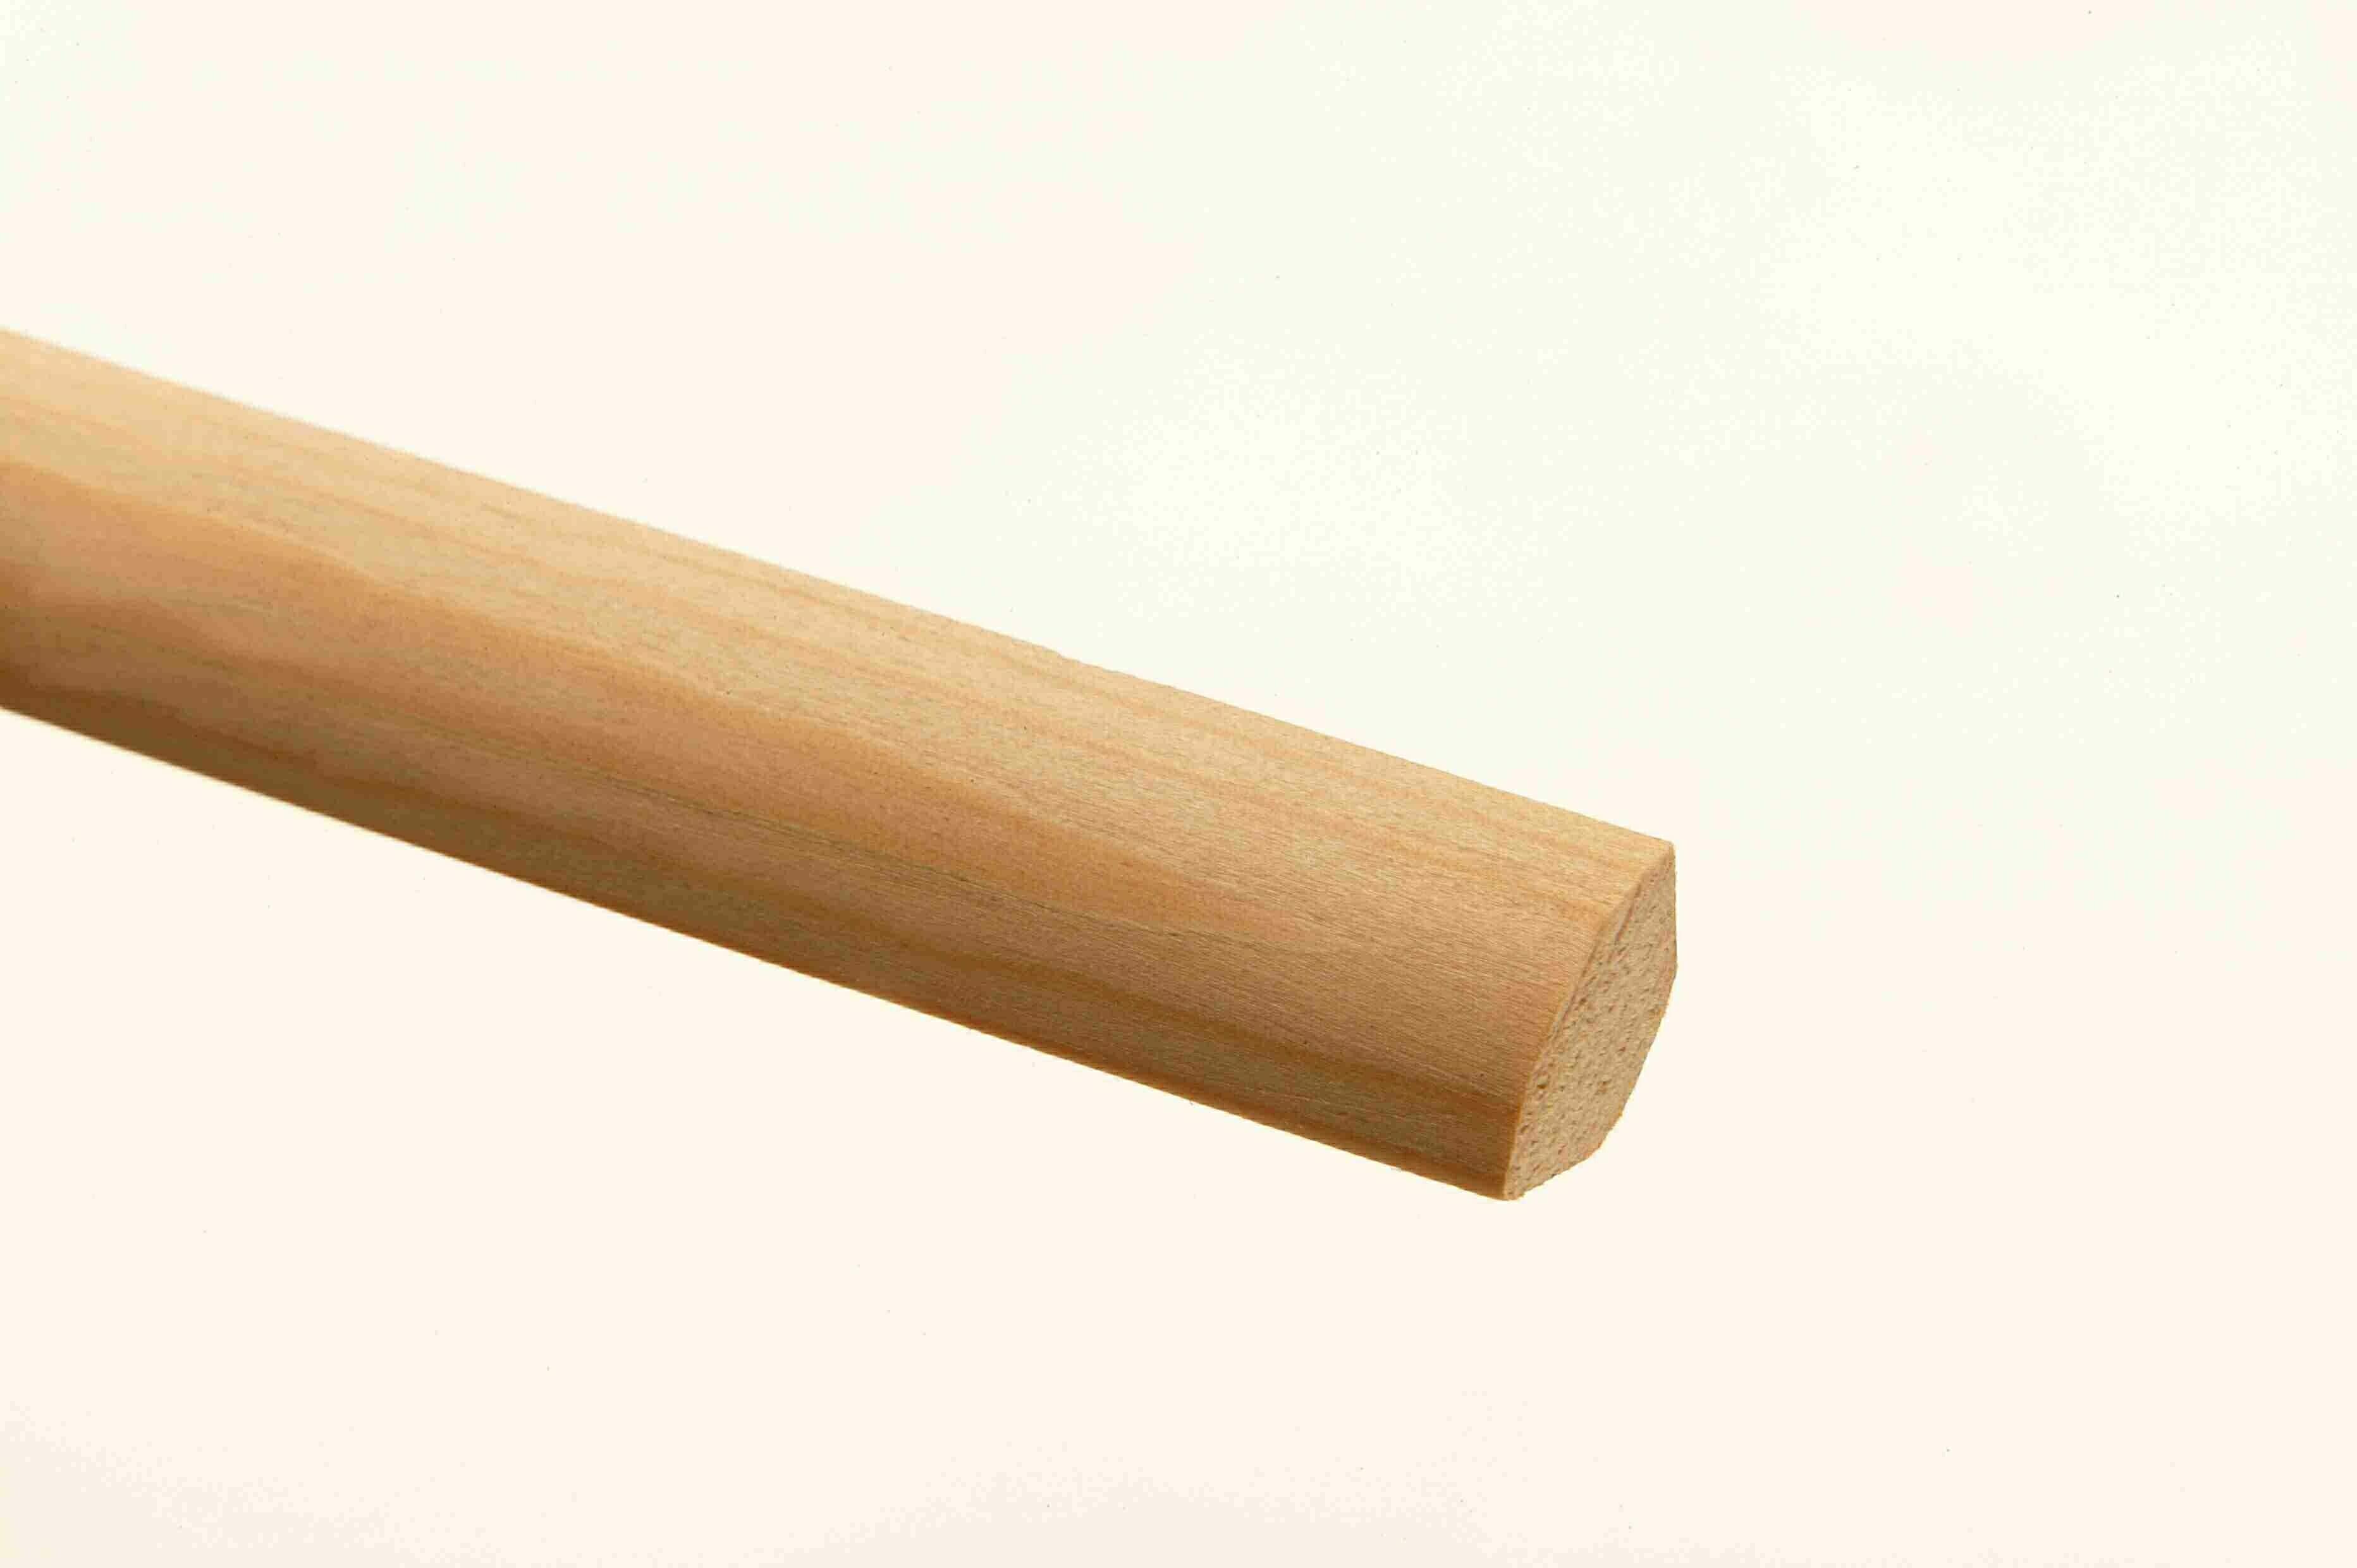 30 Pine Back-Off Quadrant Mouldings 6 x 6 x 2400mm